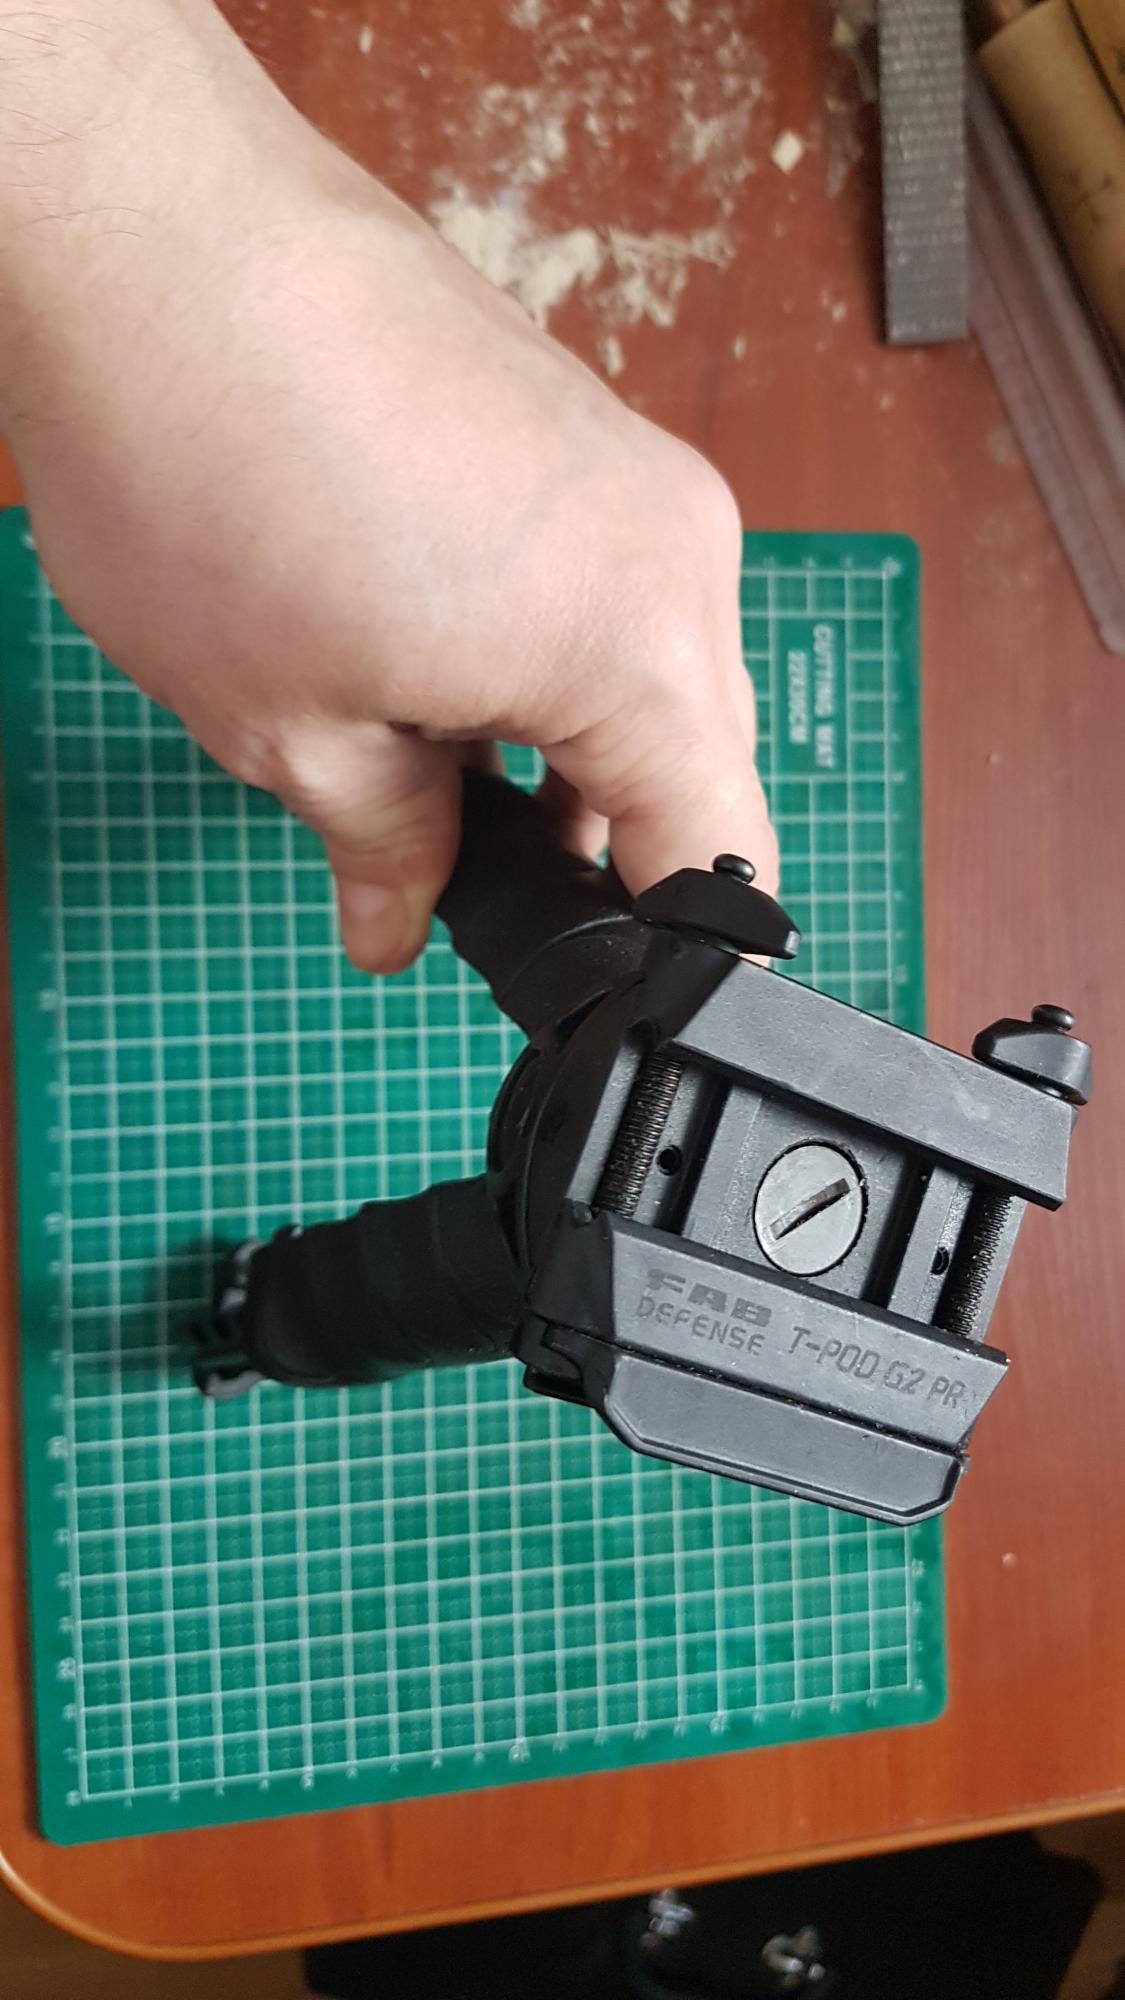 Рукоять-сошка T-POD G2 поворотная тактическая в Москве 89035910735 купить 1